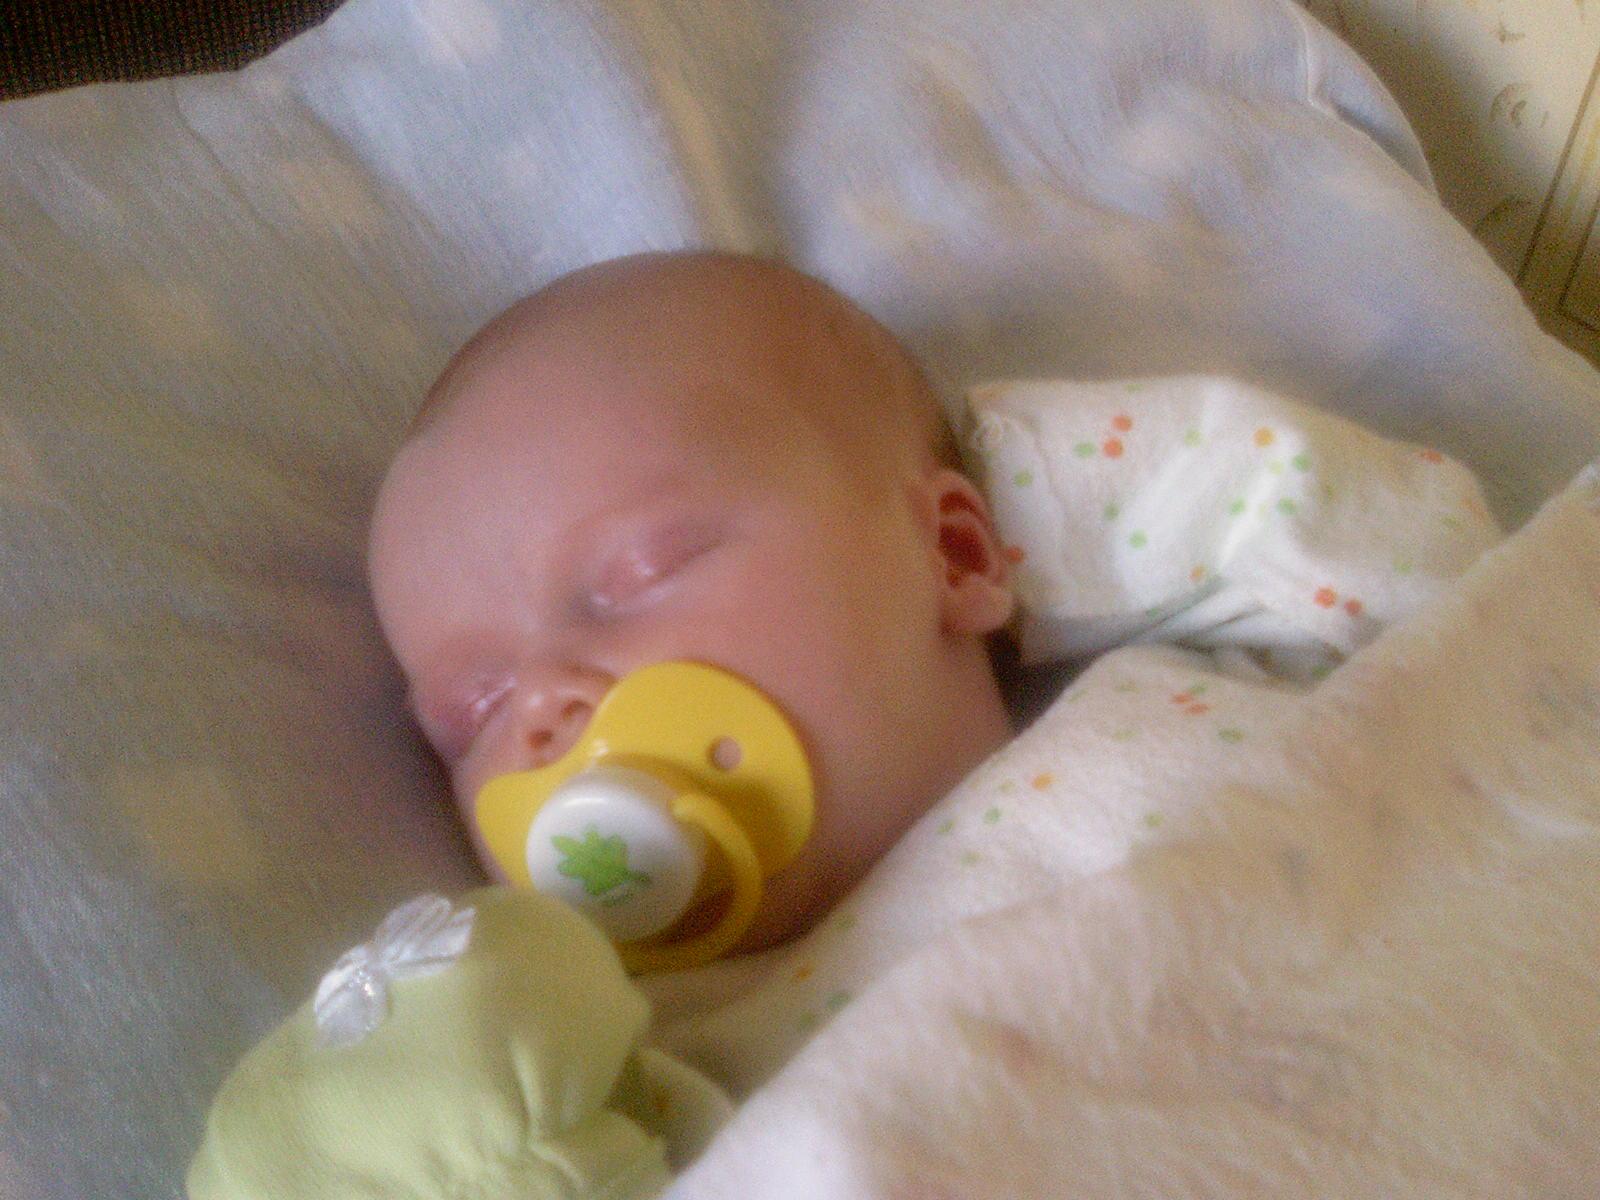 3.5 месяцев ребенку фото